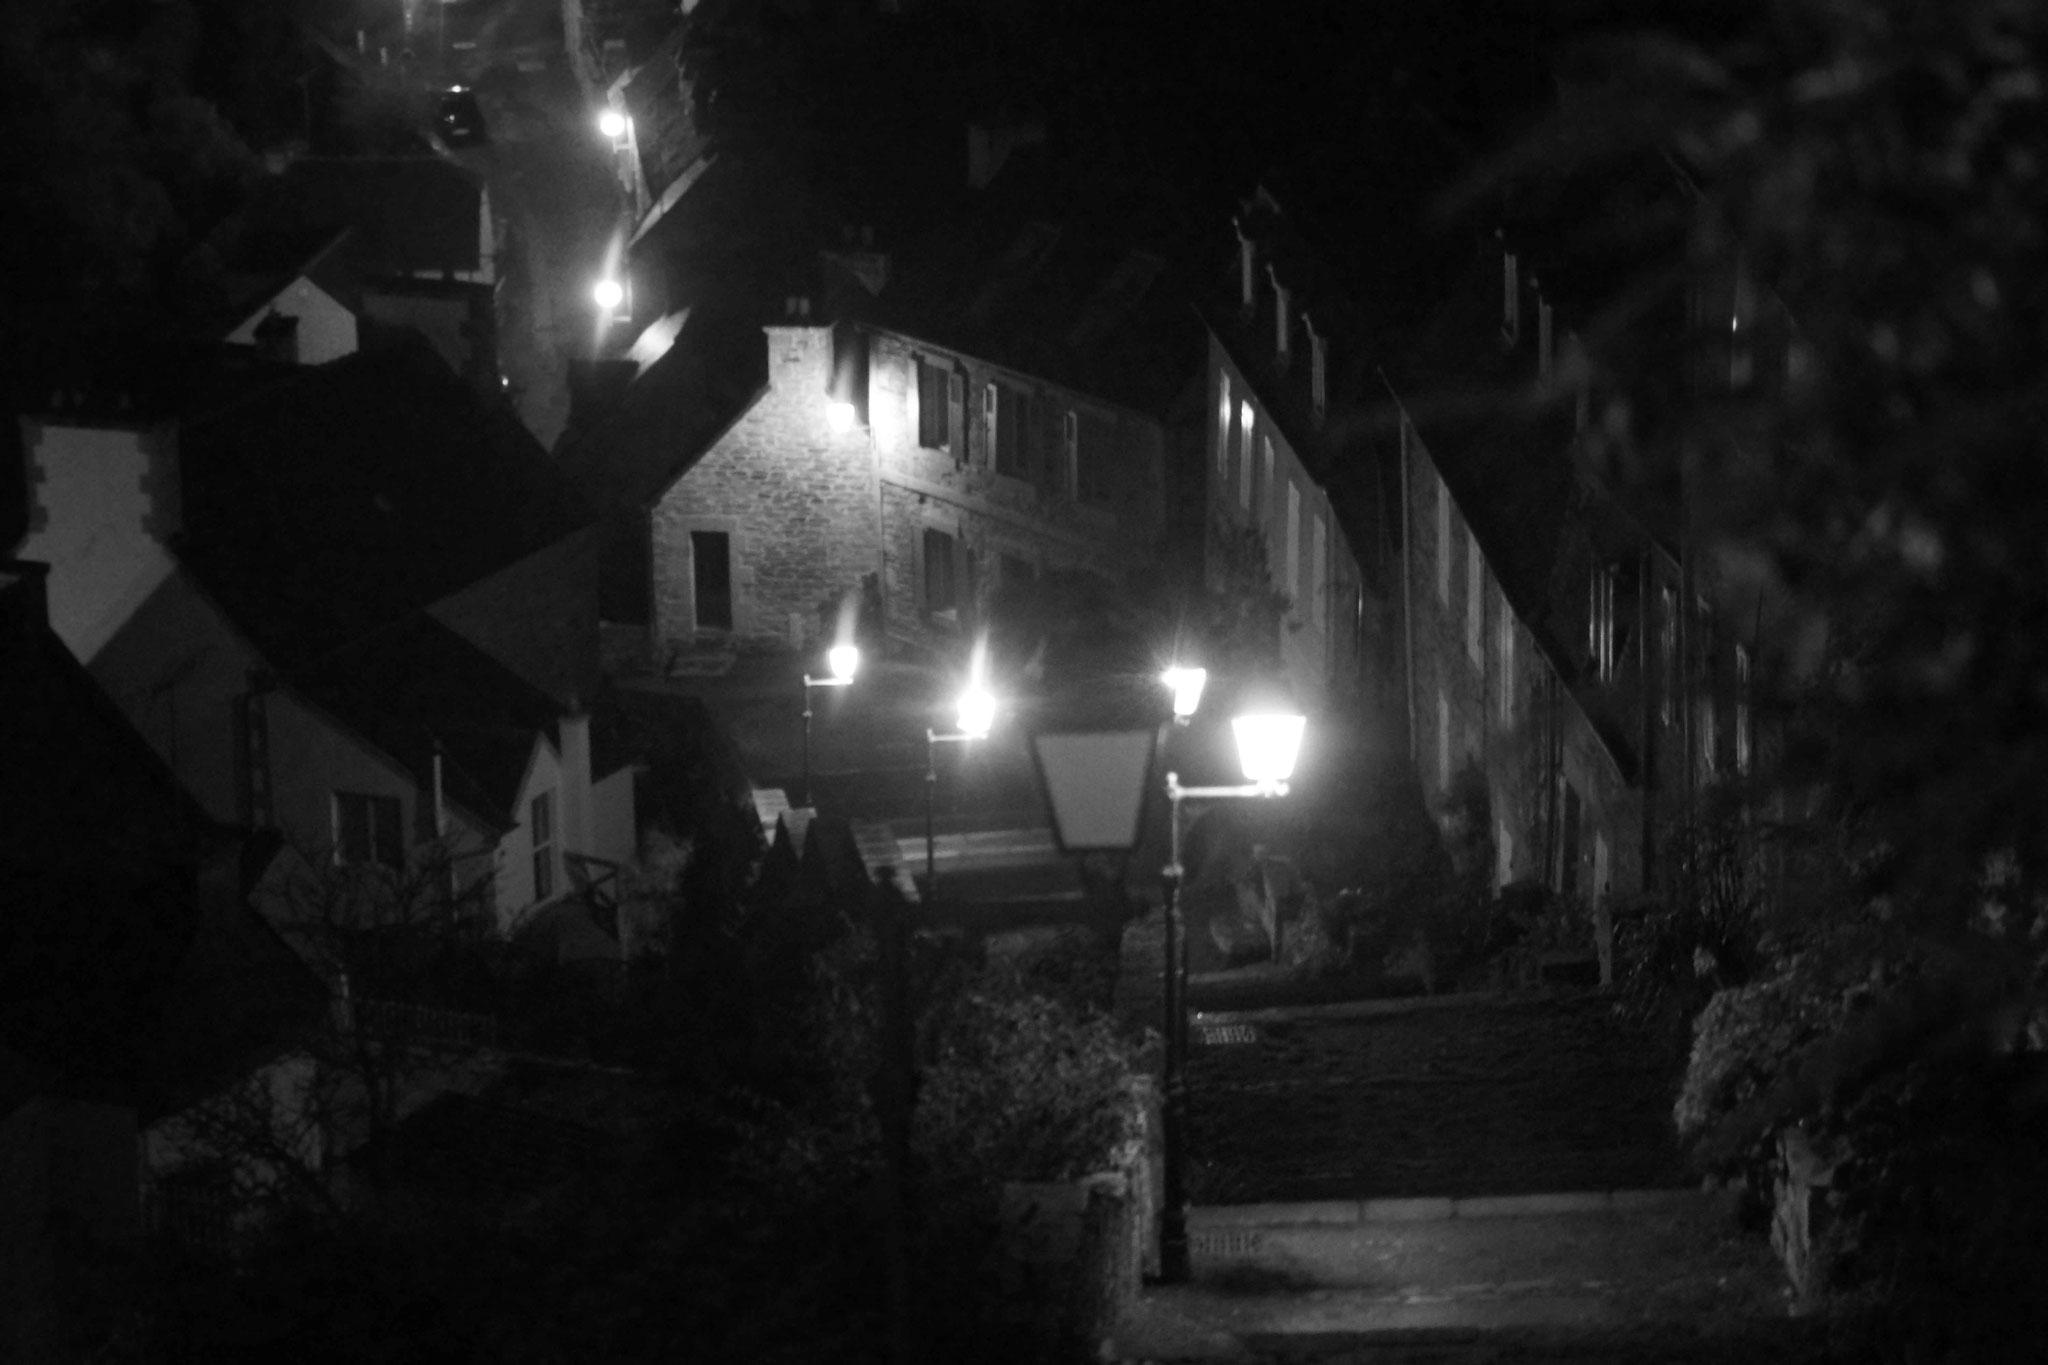 Hommage à Georges Simon, les escaliers de Brélévenez selon le Commissaire Maigret